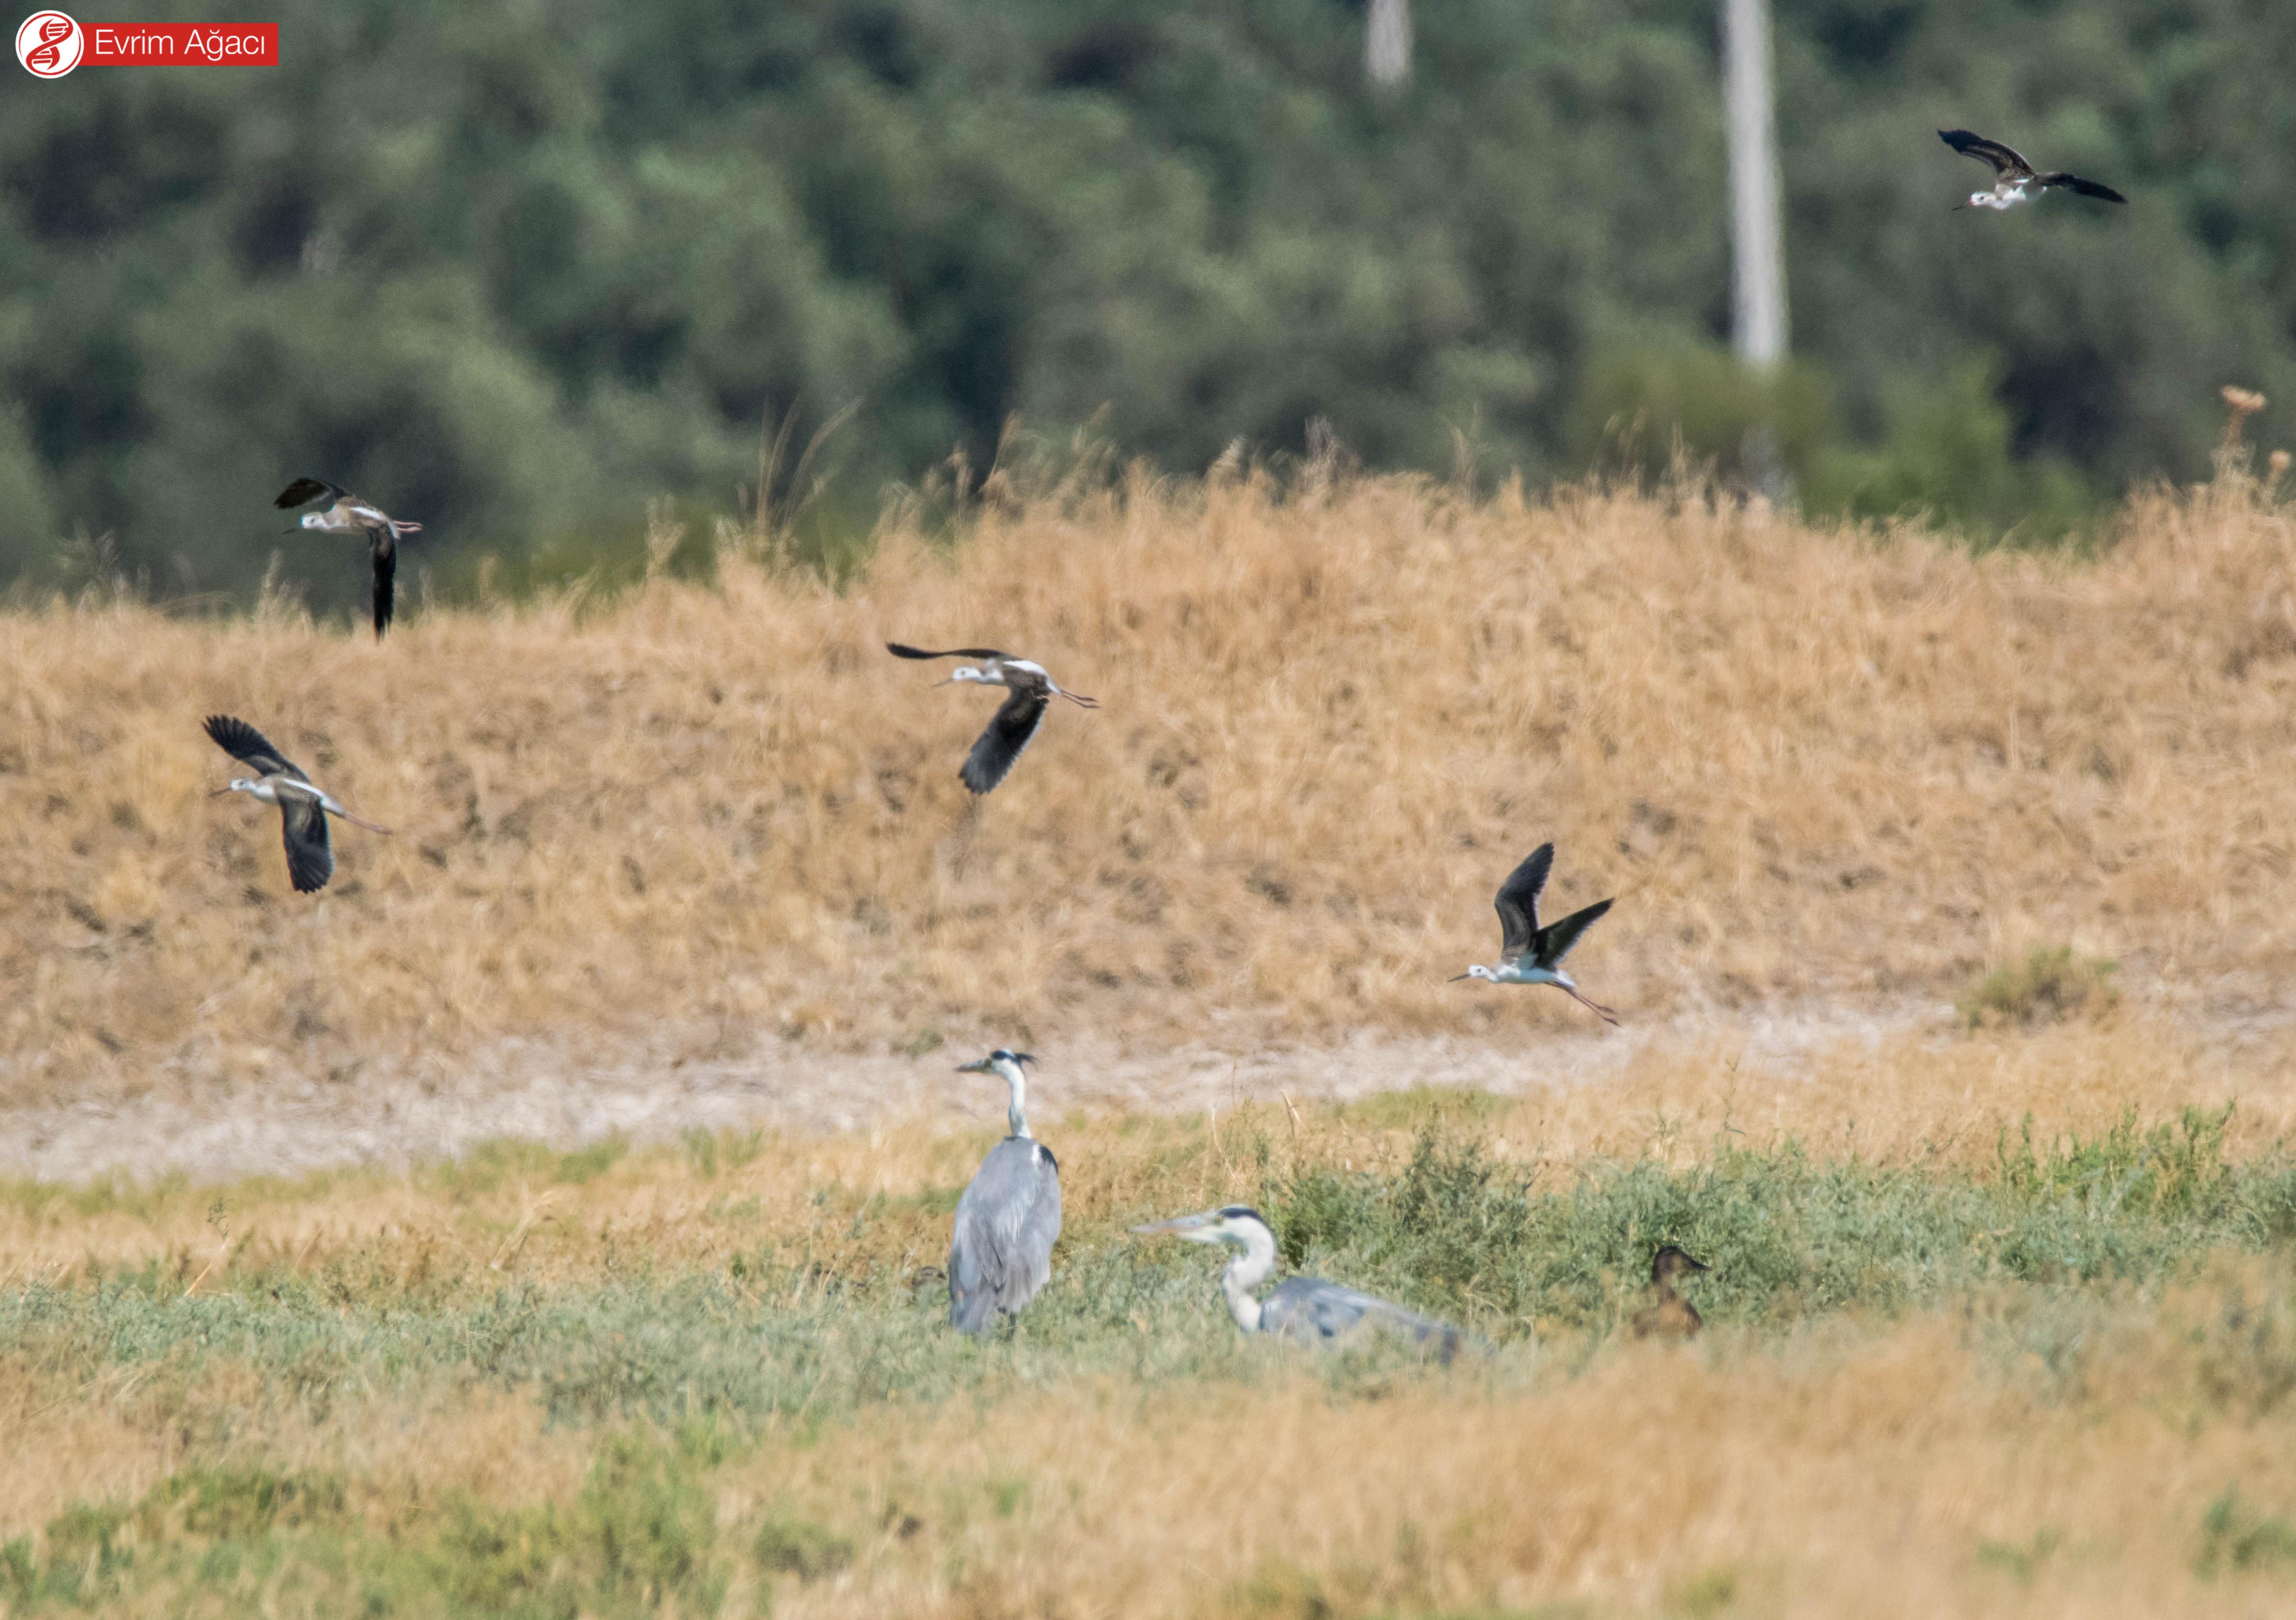 Havada uçuşan uzunbacaklar (Himantopus himantopus), yerde tüneyen gri balıkçıllar (Ardea cinerea) ve sağ tarafta kafası gözüken bir yeşilbaş ördek (Anas platyrhynchos).